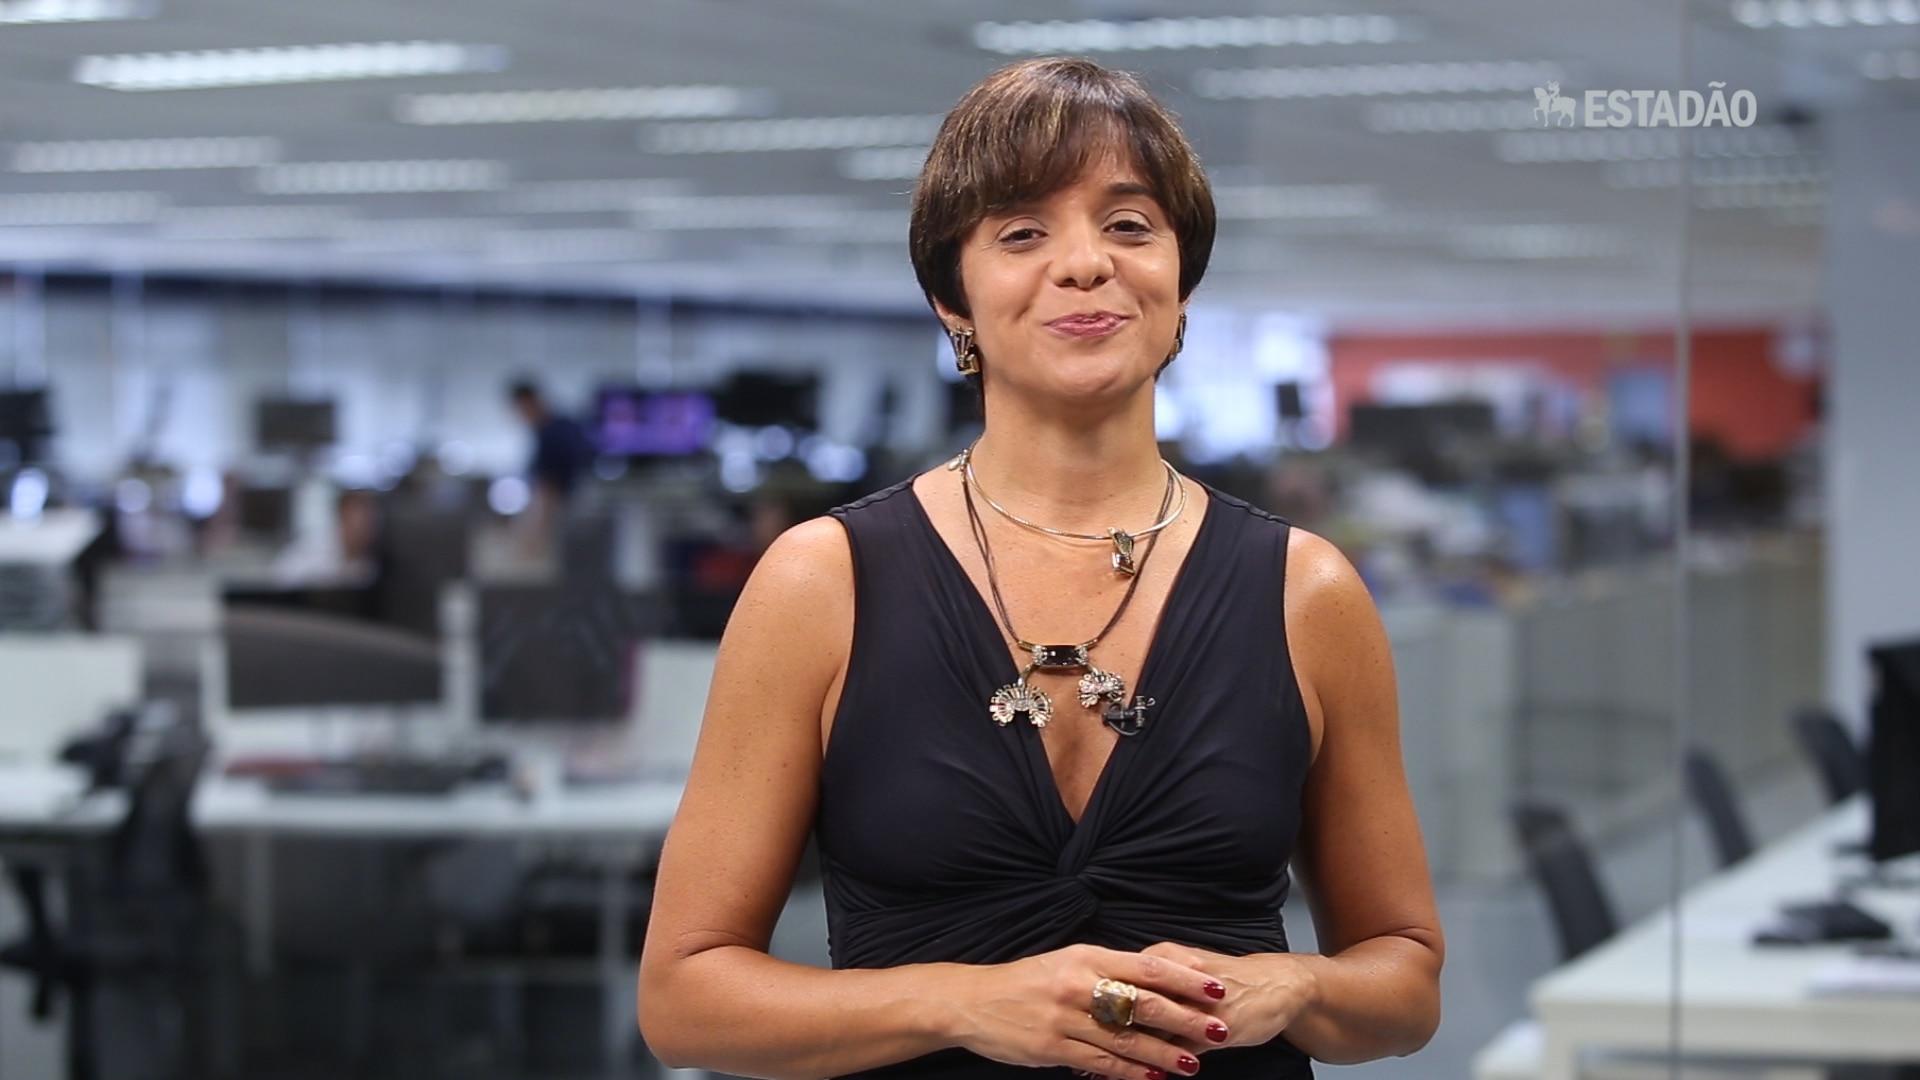 Vera Magalhães: Temer e PMDB enfrentam reveses políticos